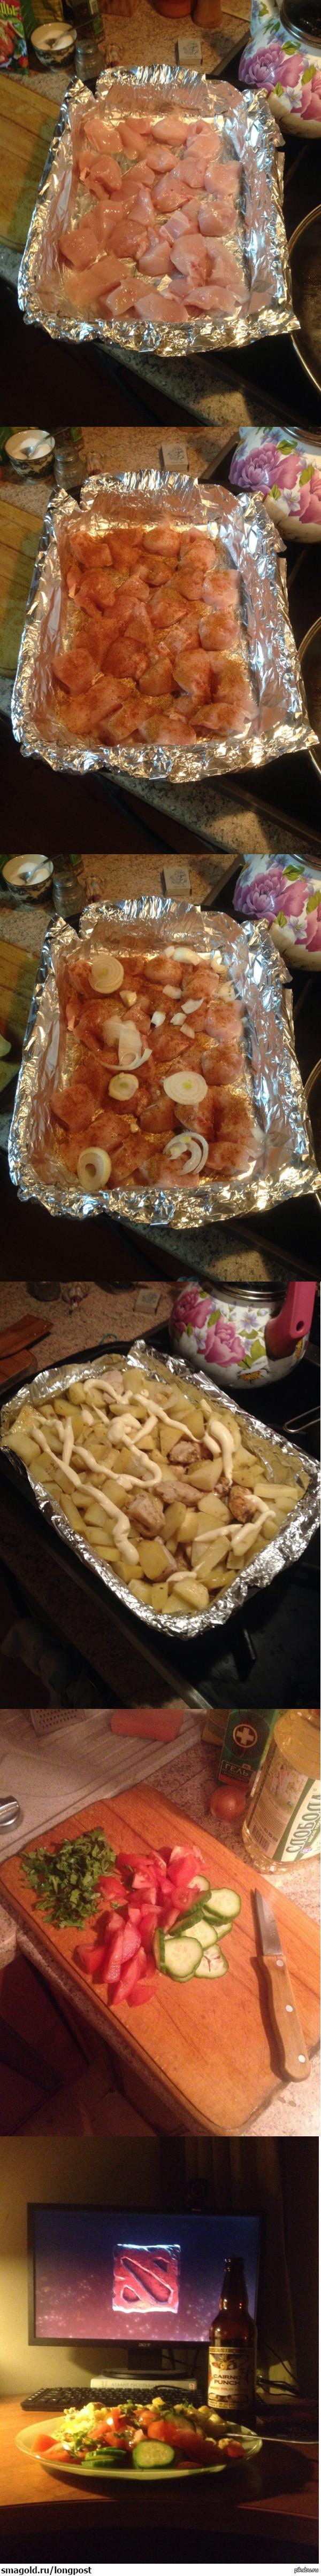 Вечер сильного и независимого студента готовка чистая импровизация из того что есть